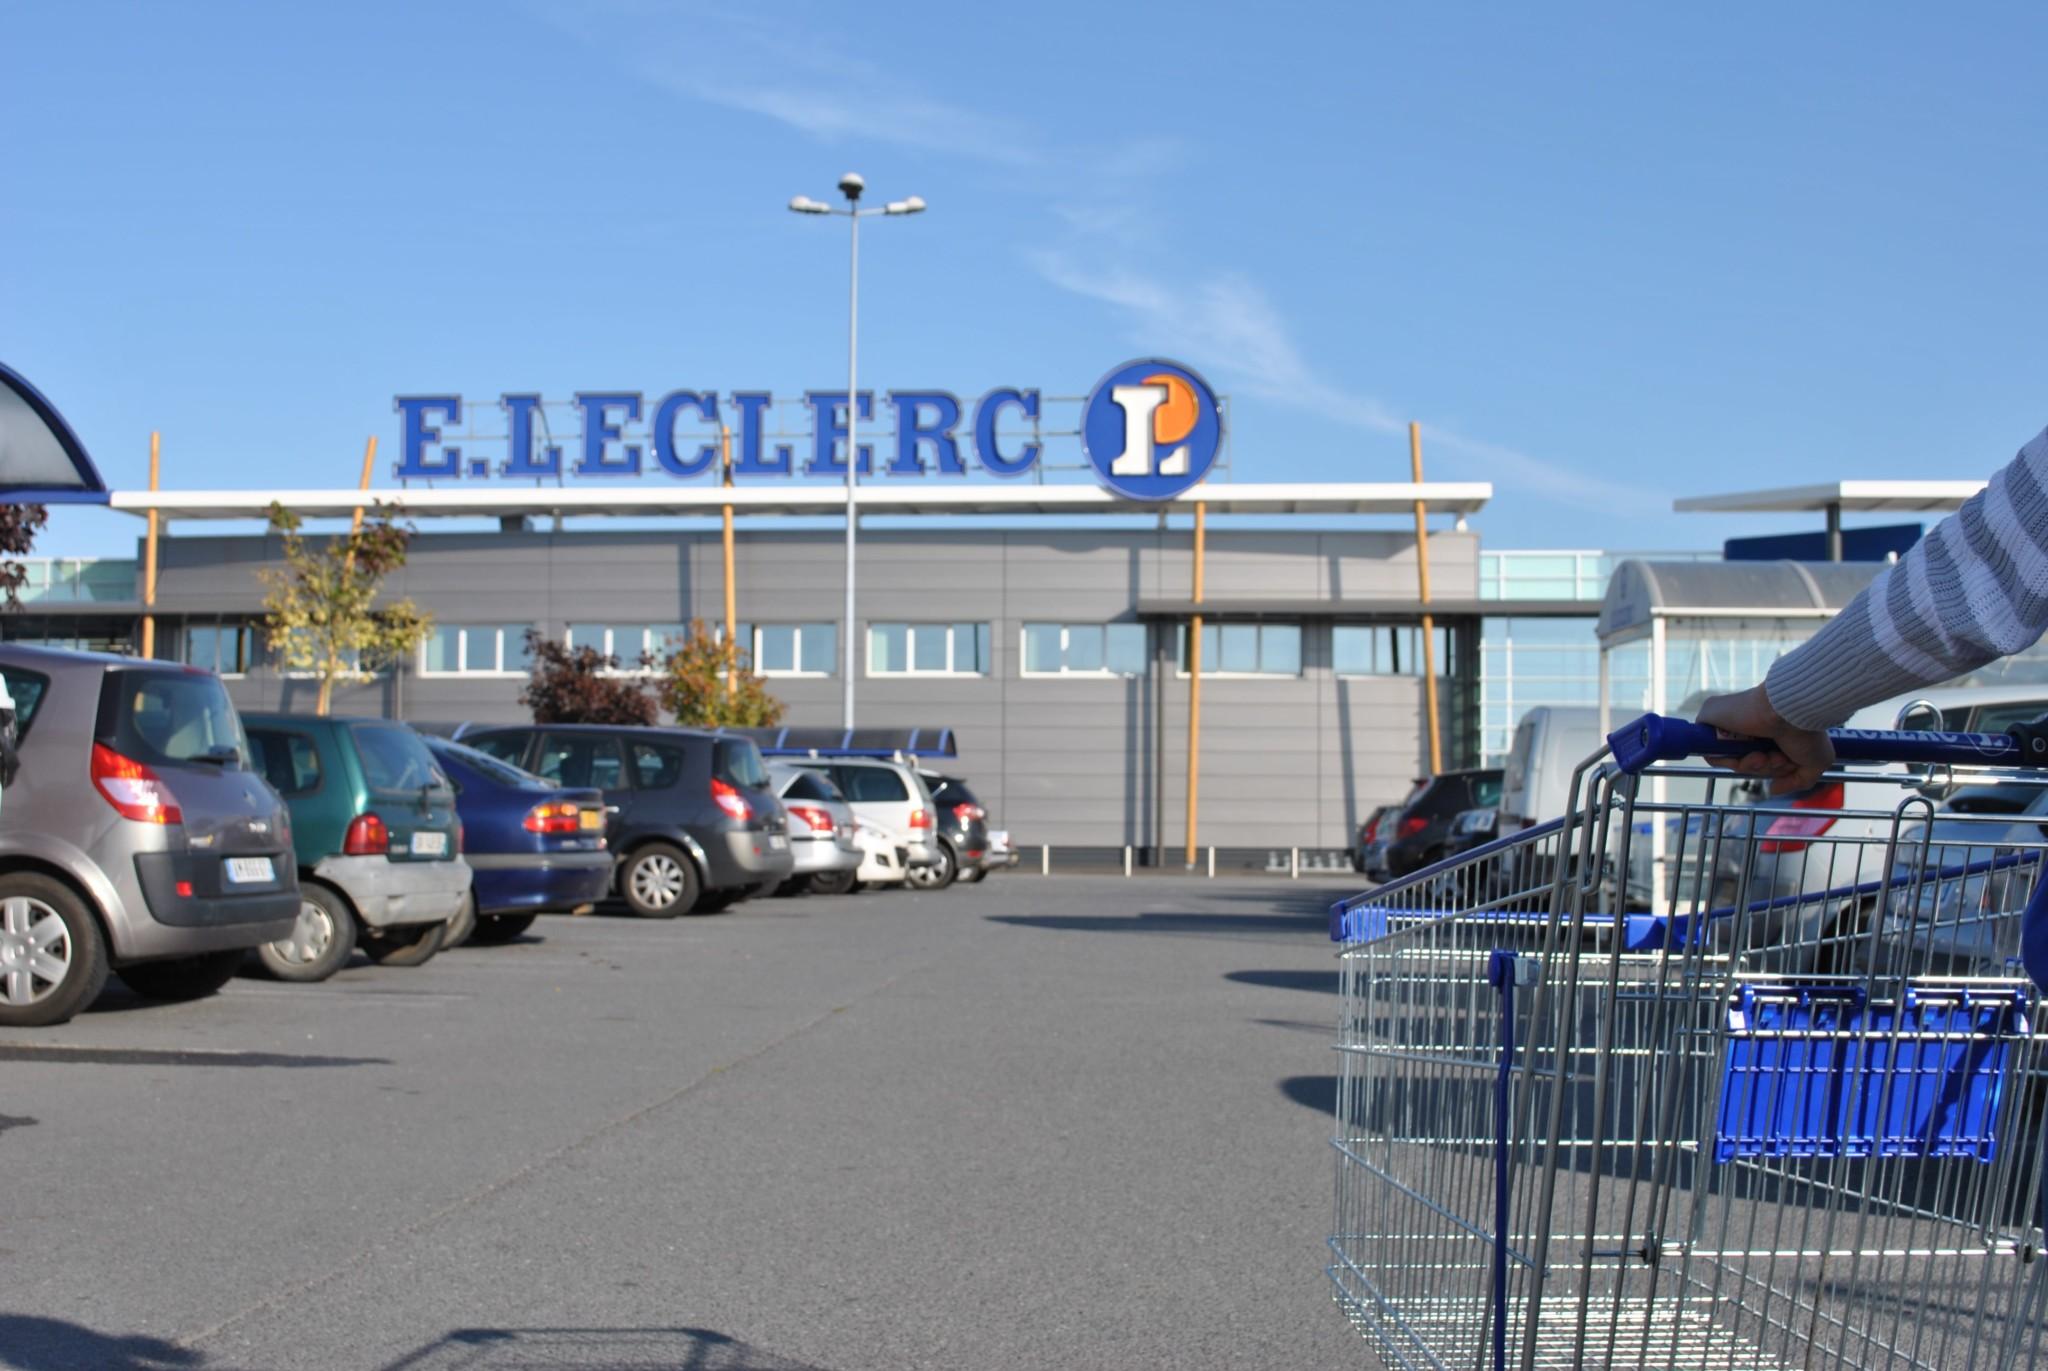 leclerc-electricite